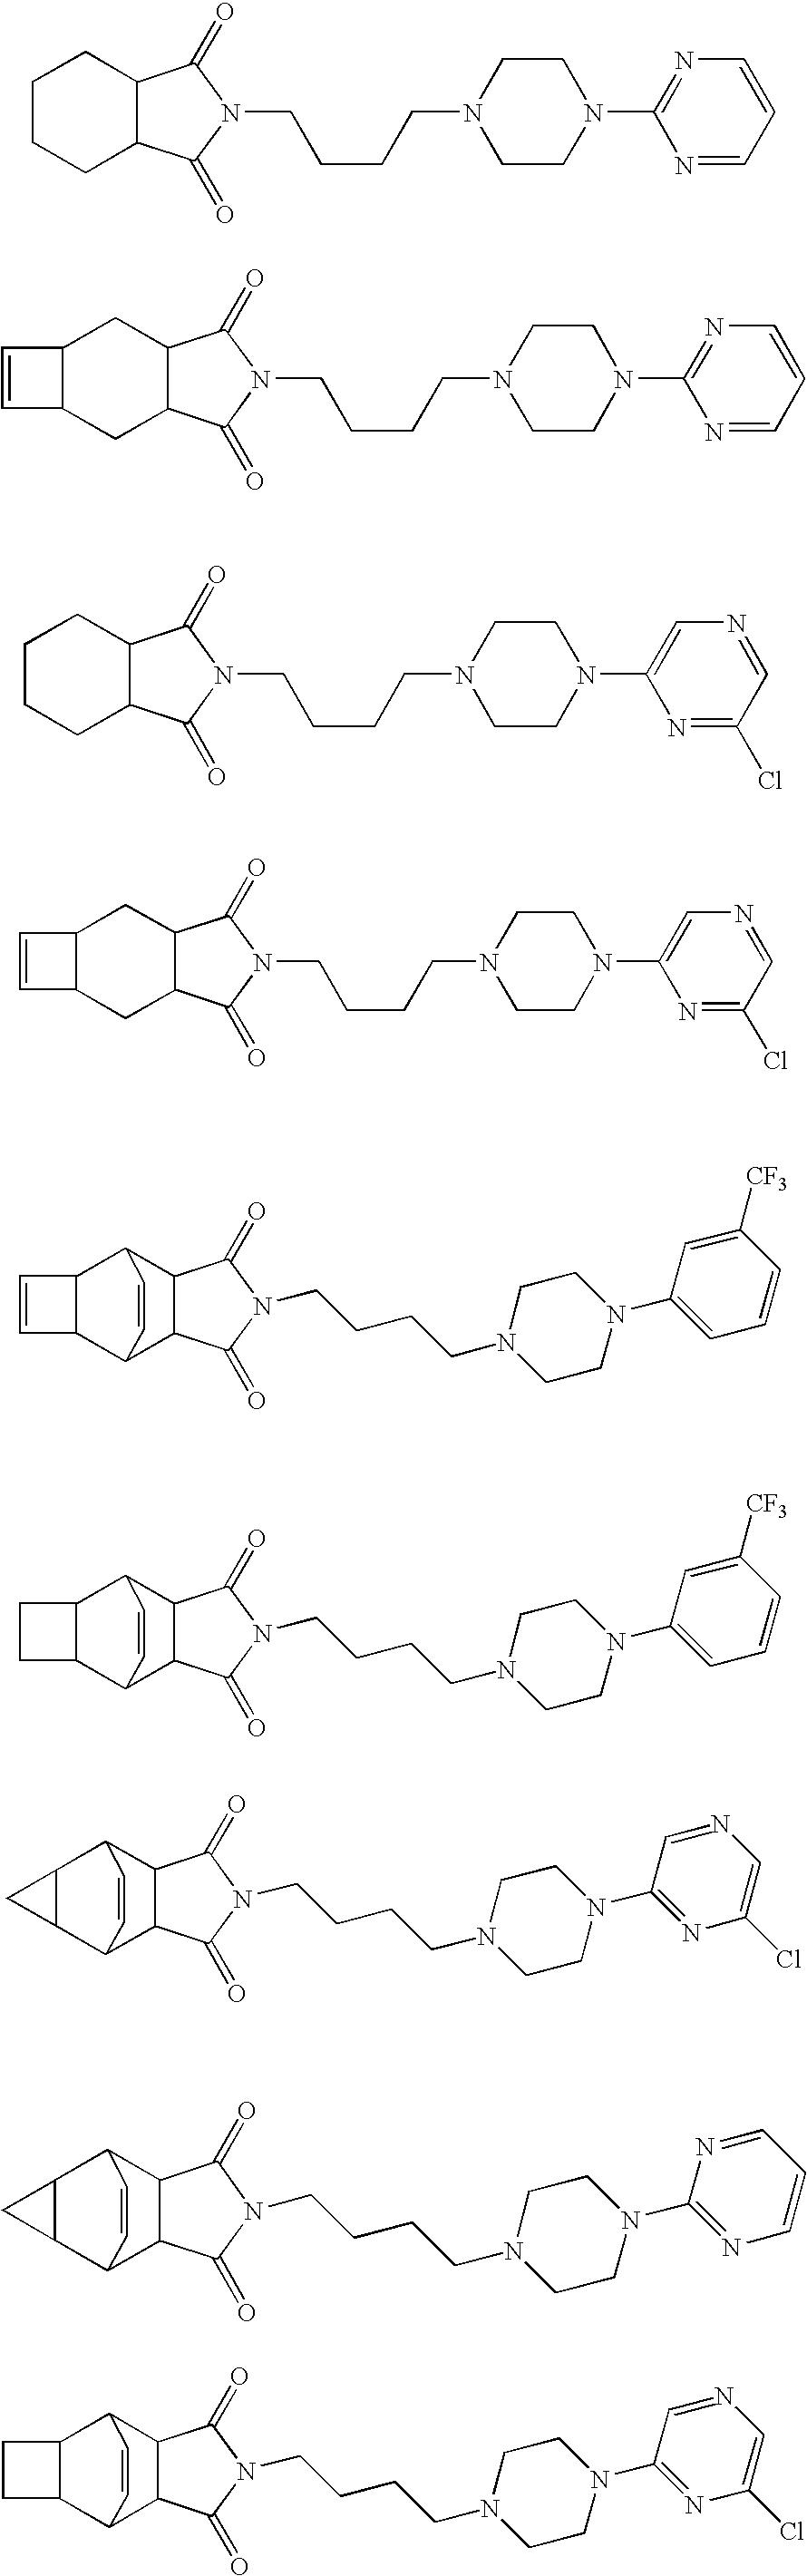 Figure US20100009983A1-20100114-C00033